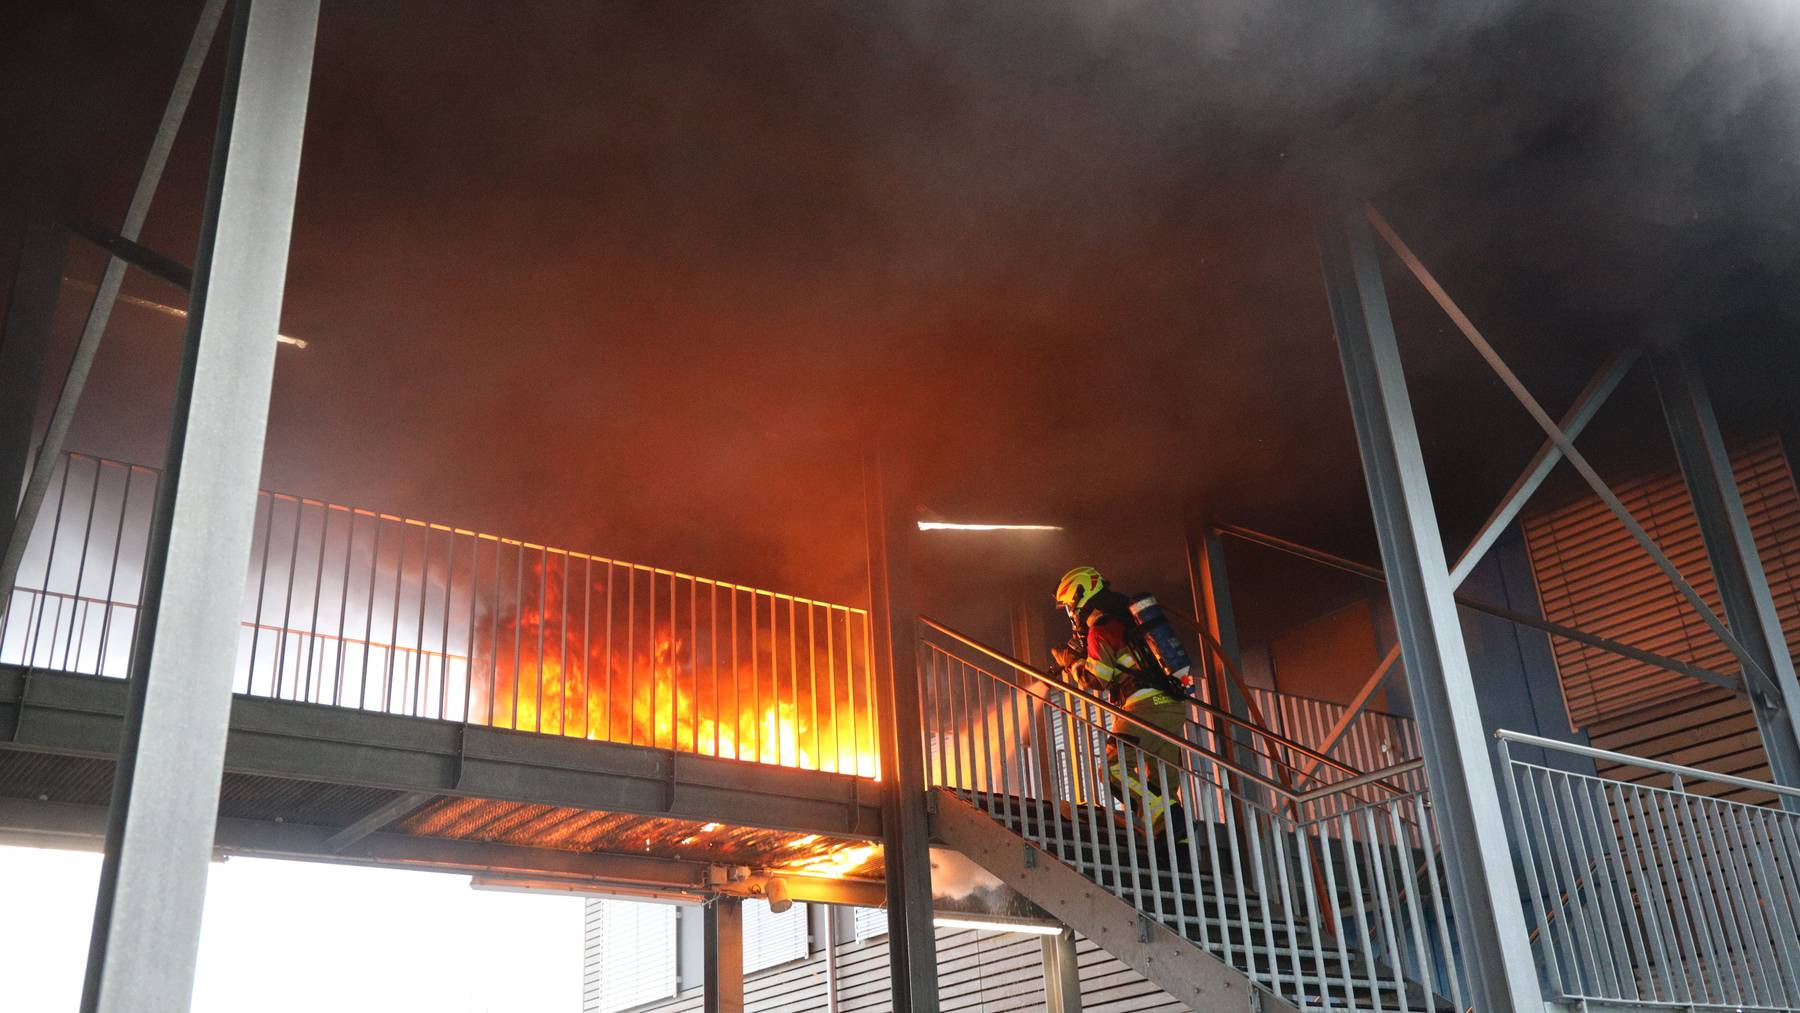 MM147_Zug_Rauch und Flammen bei Schulpavillons_Bild 2